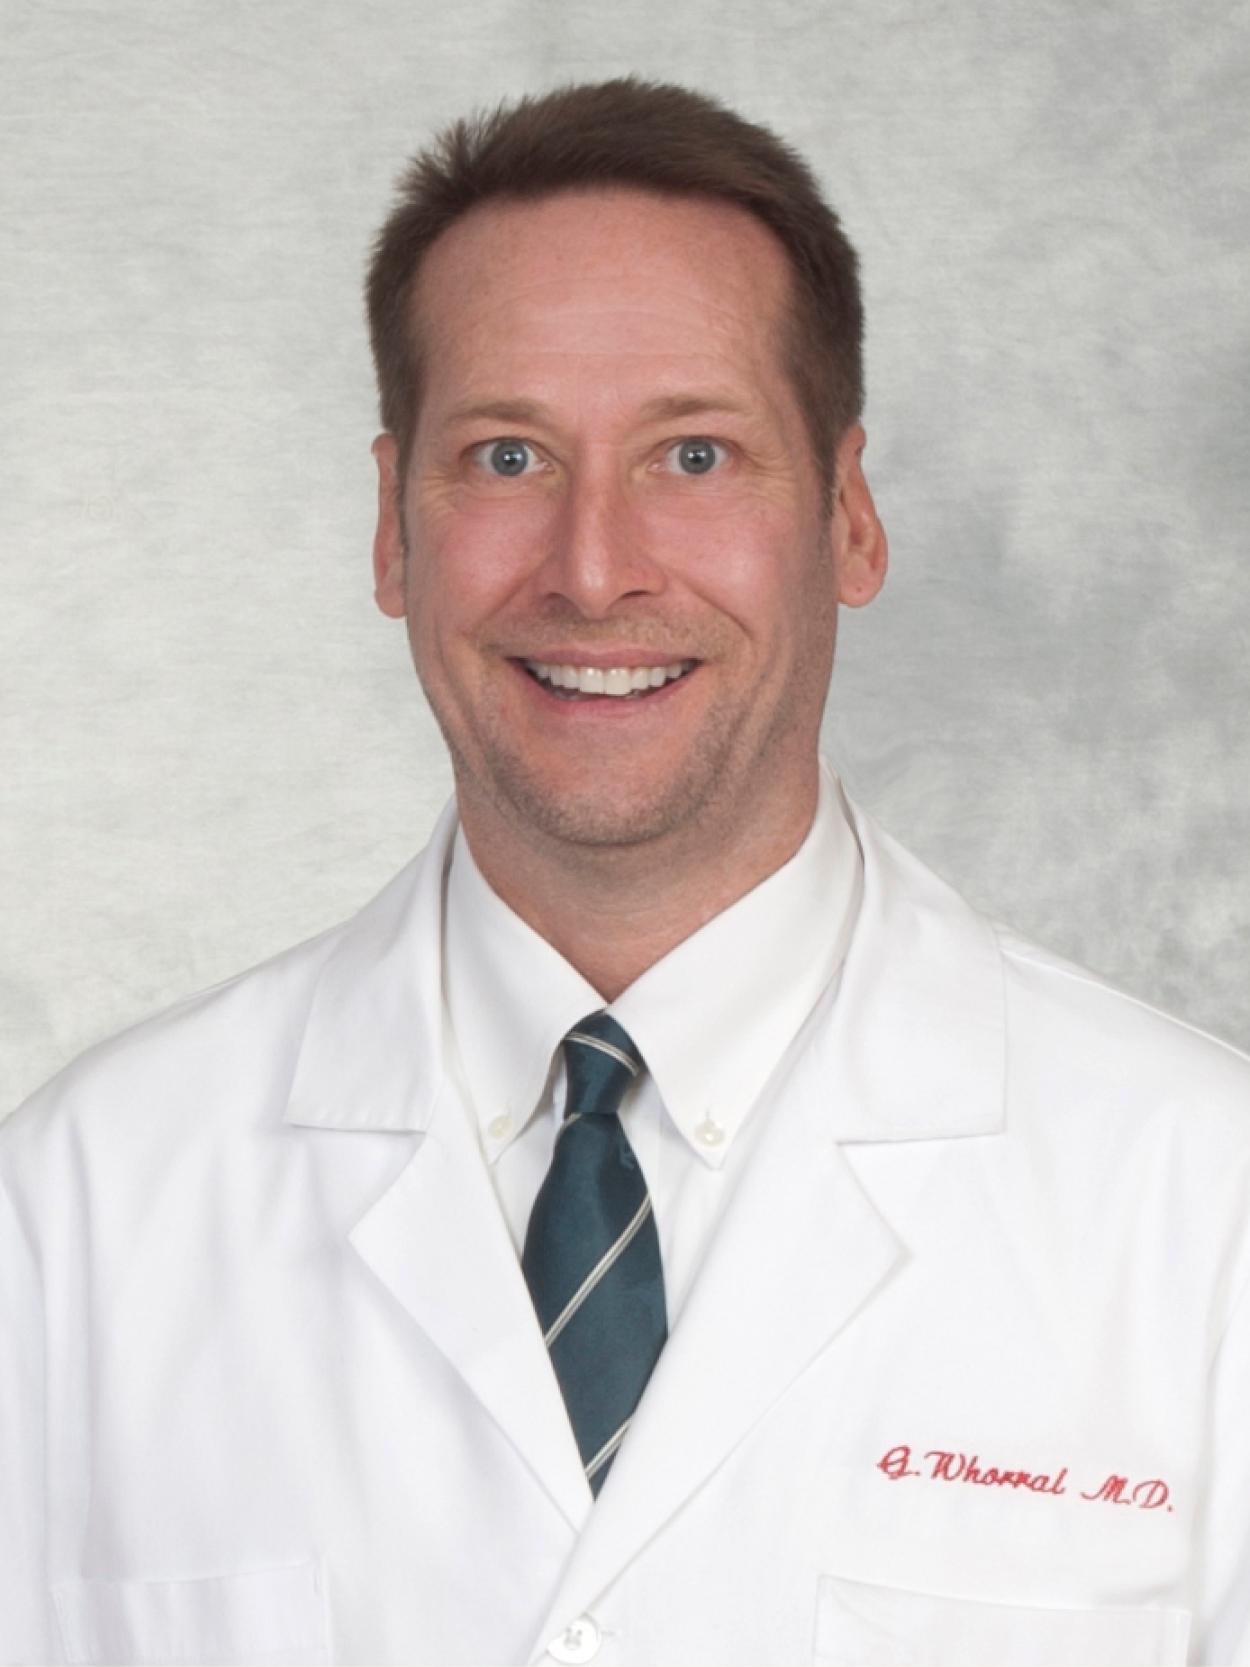 Greg Whorral, MD, FACOG